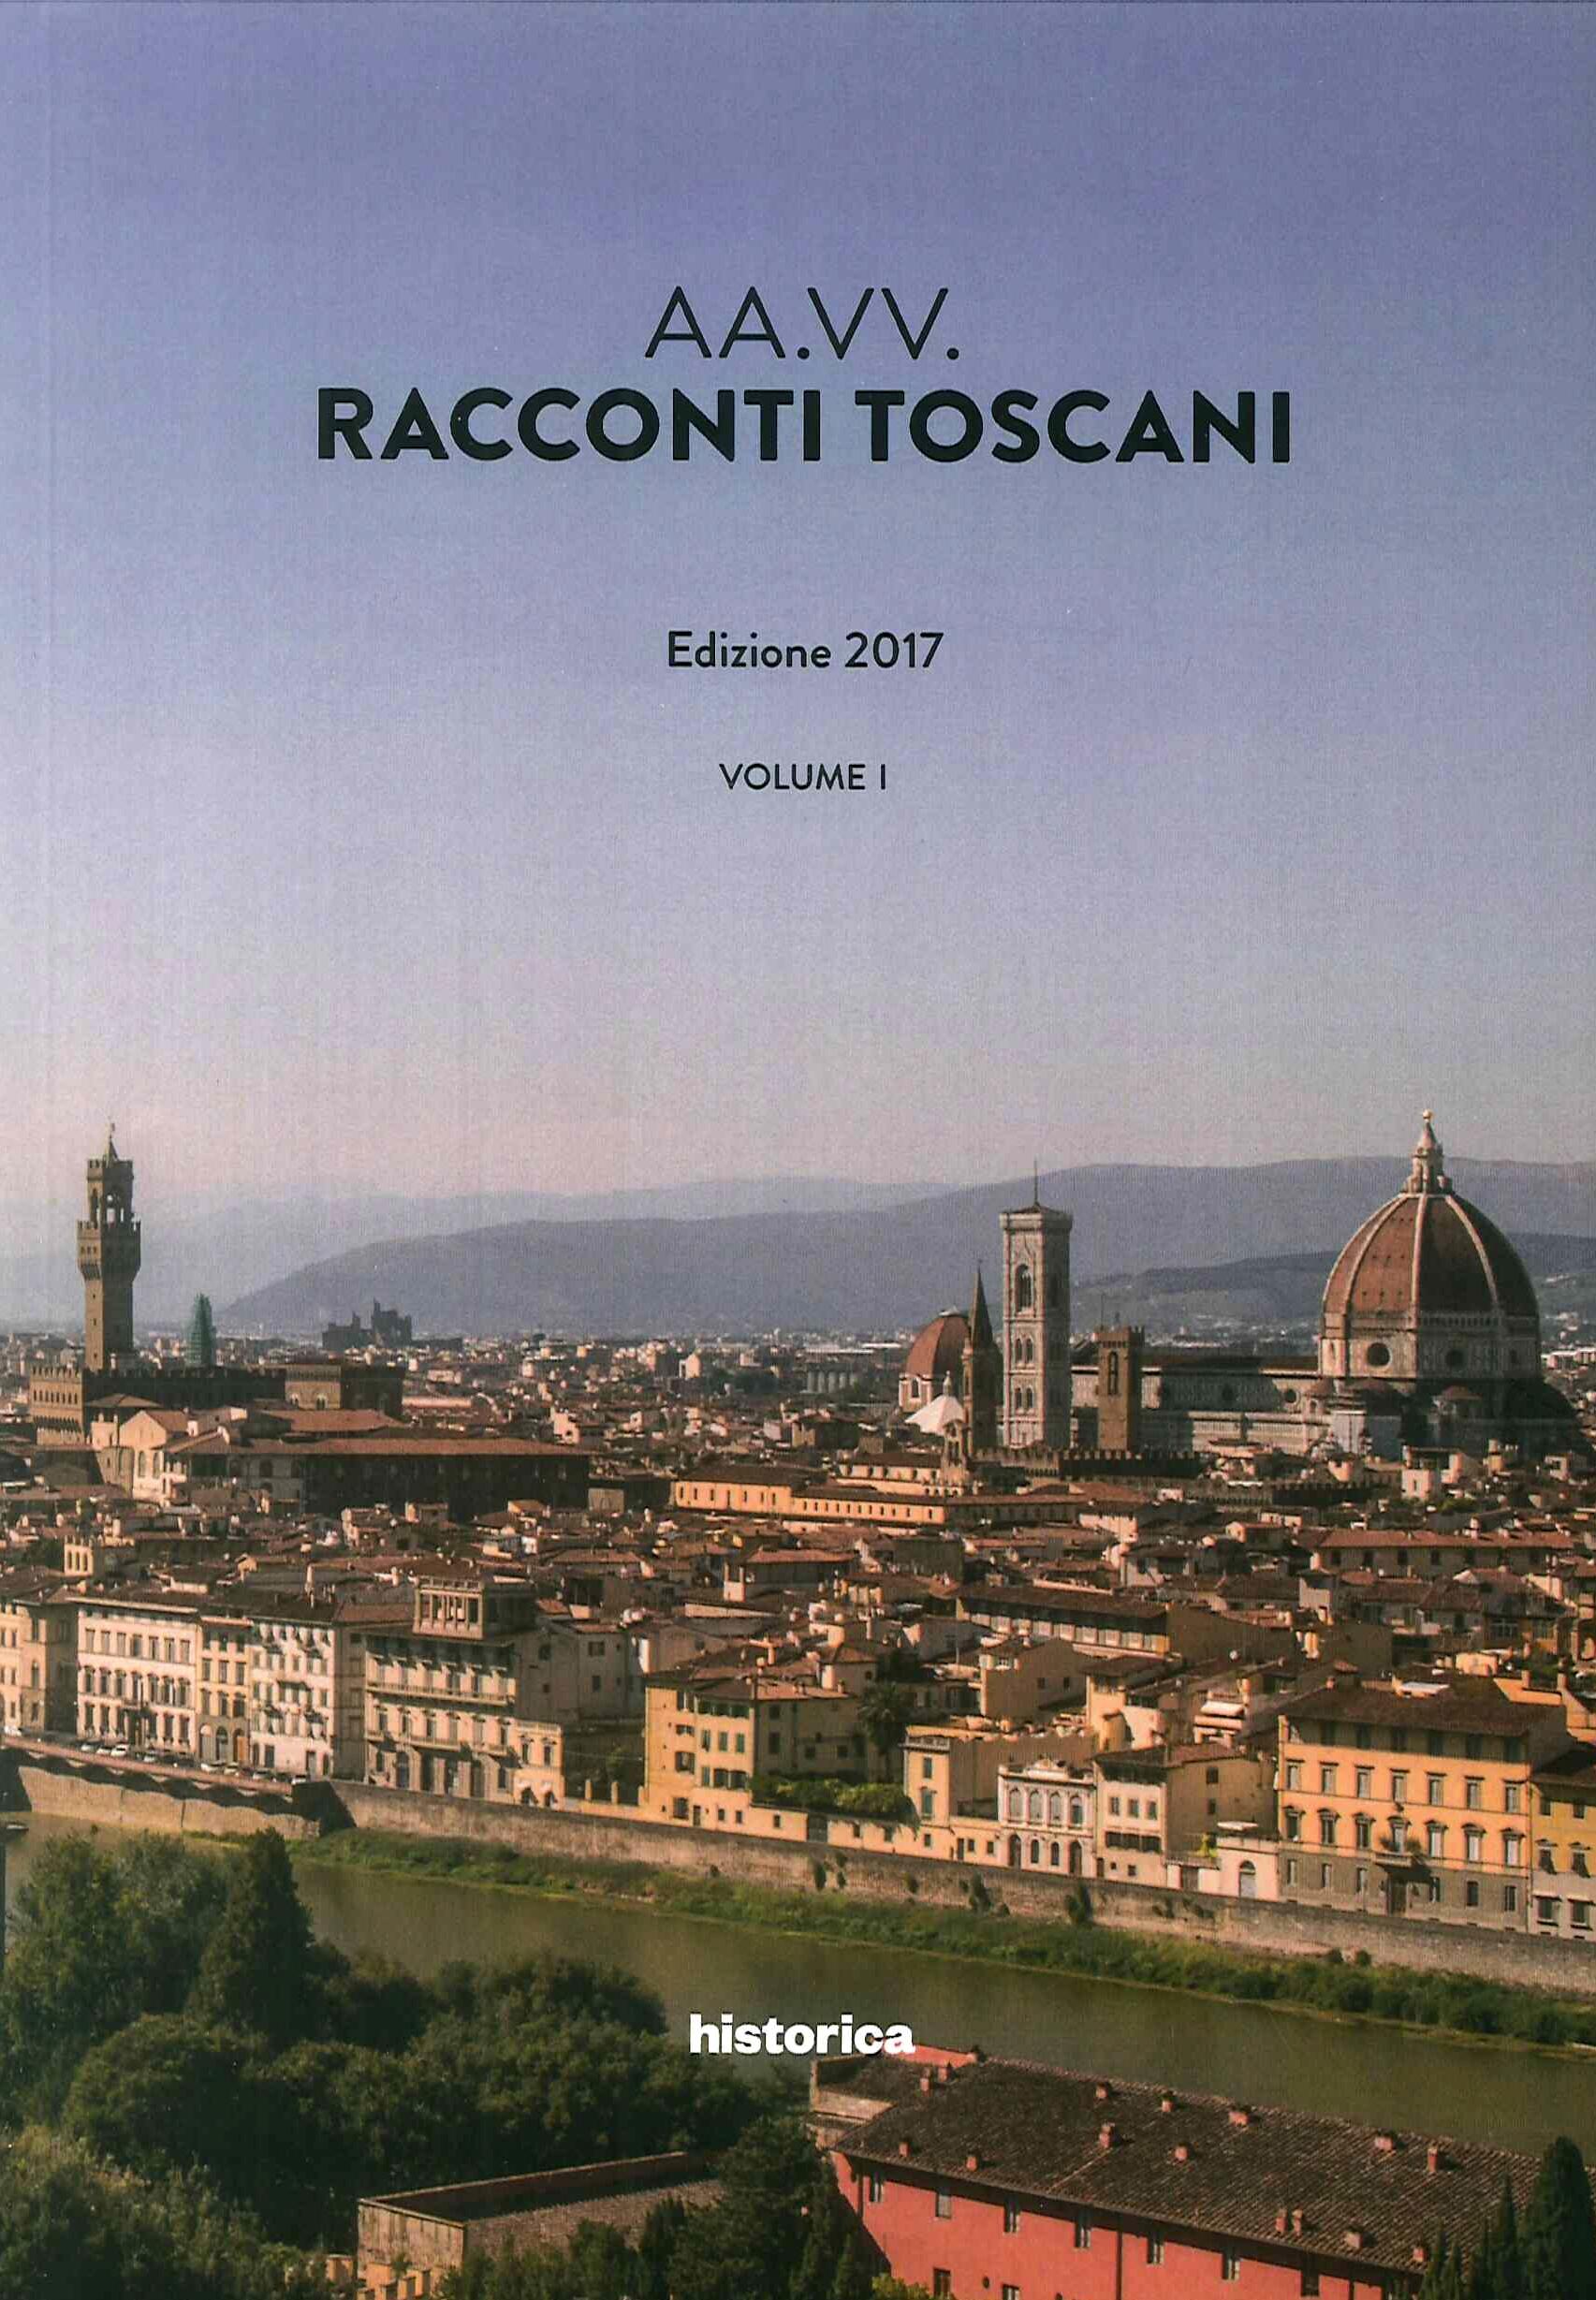 Racconti toscani. Vol. 1. Edizione 2017